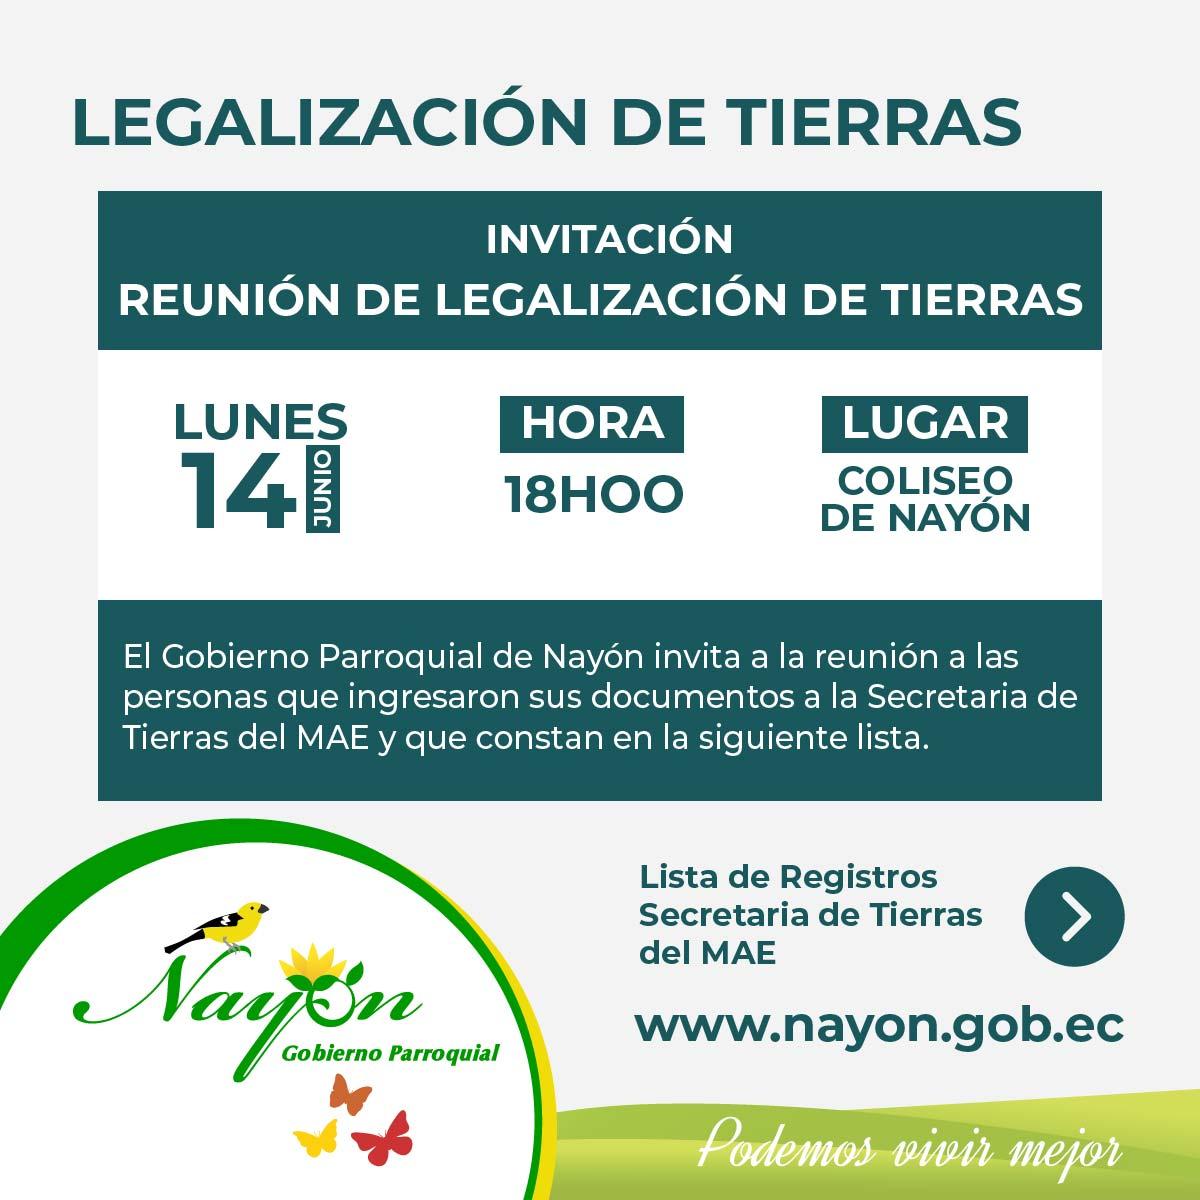 Legalización de Tierras